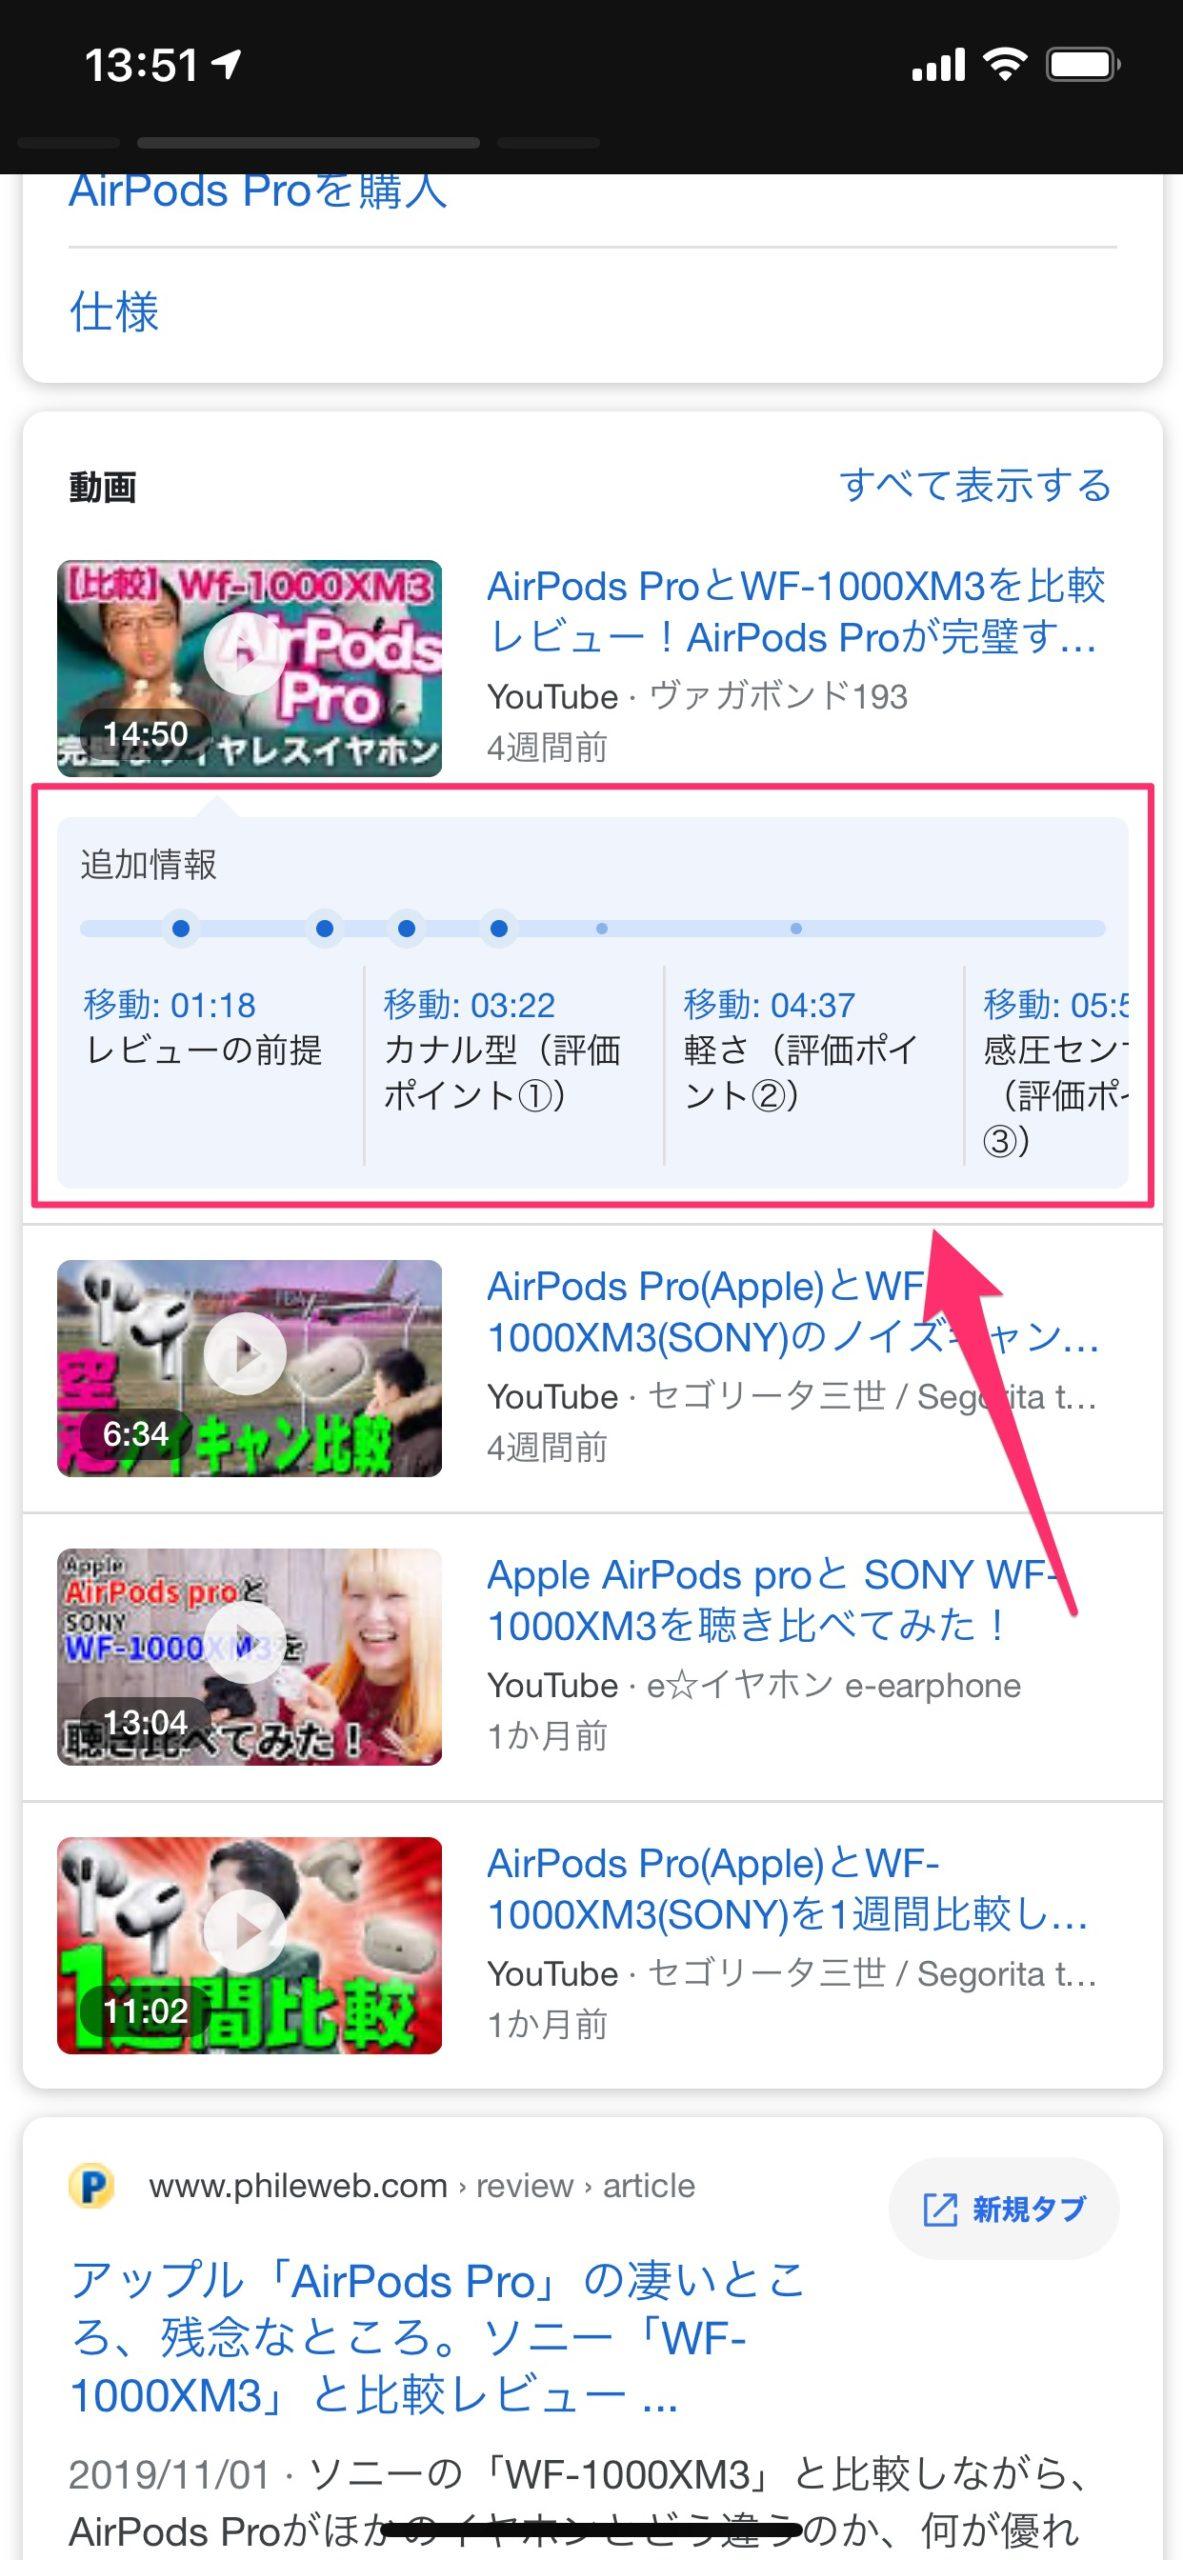 Google検索結果で動画のタイムスタンプが表示される